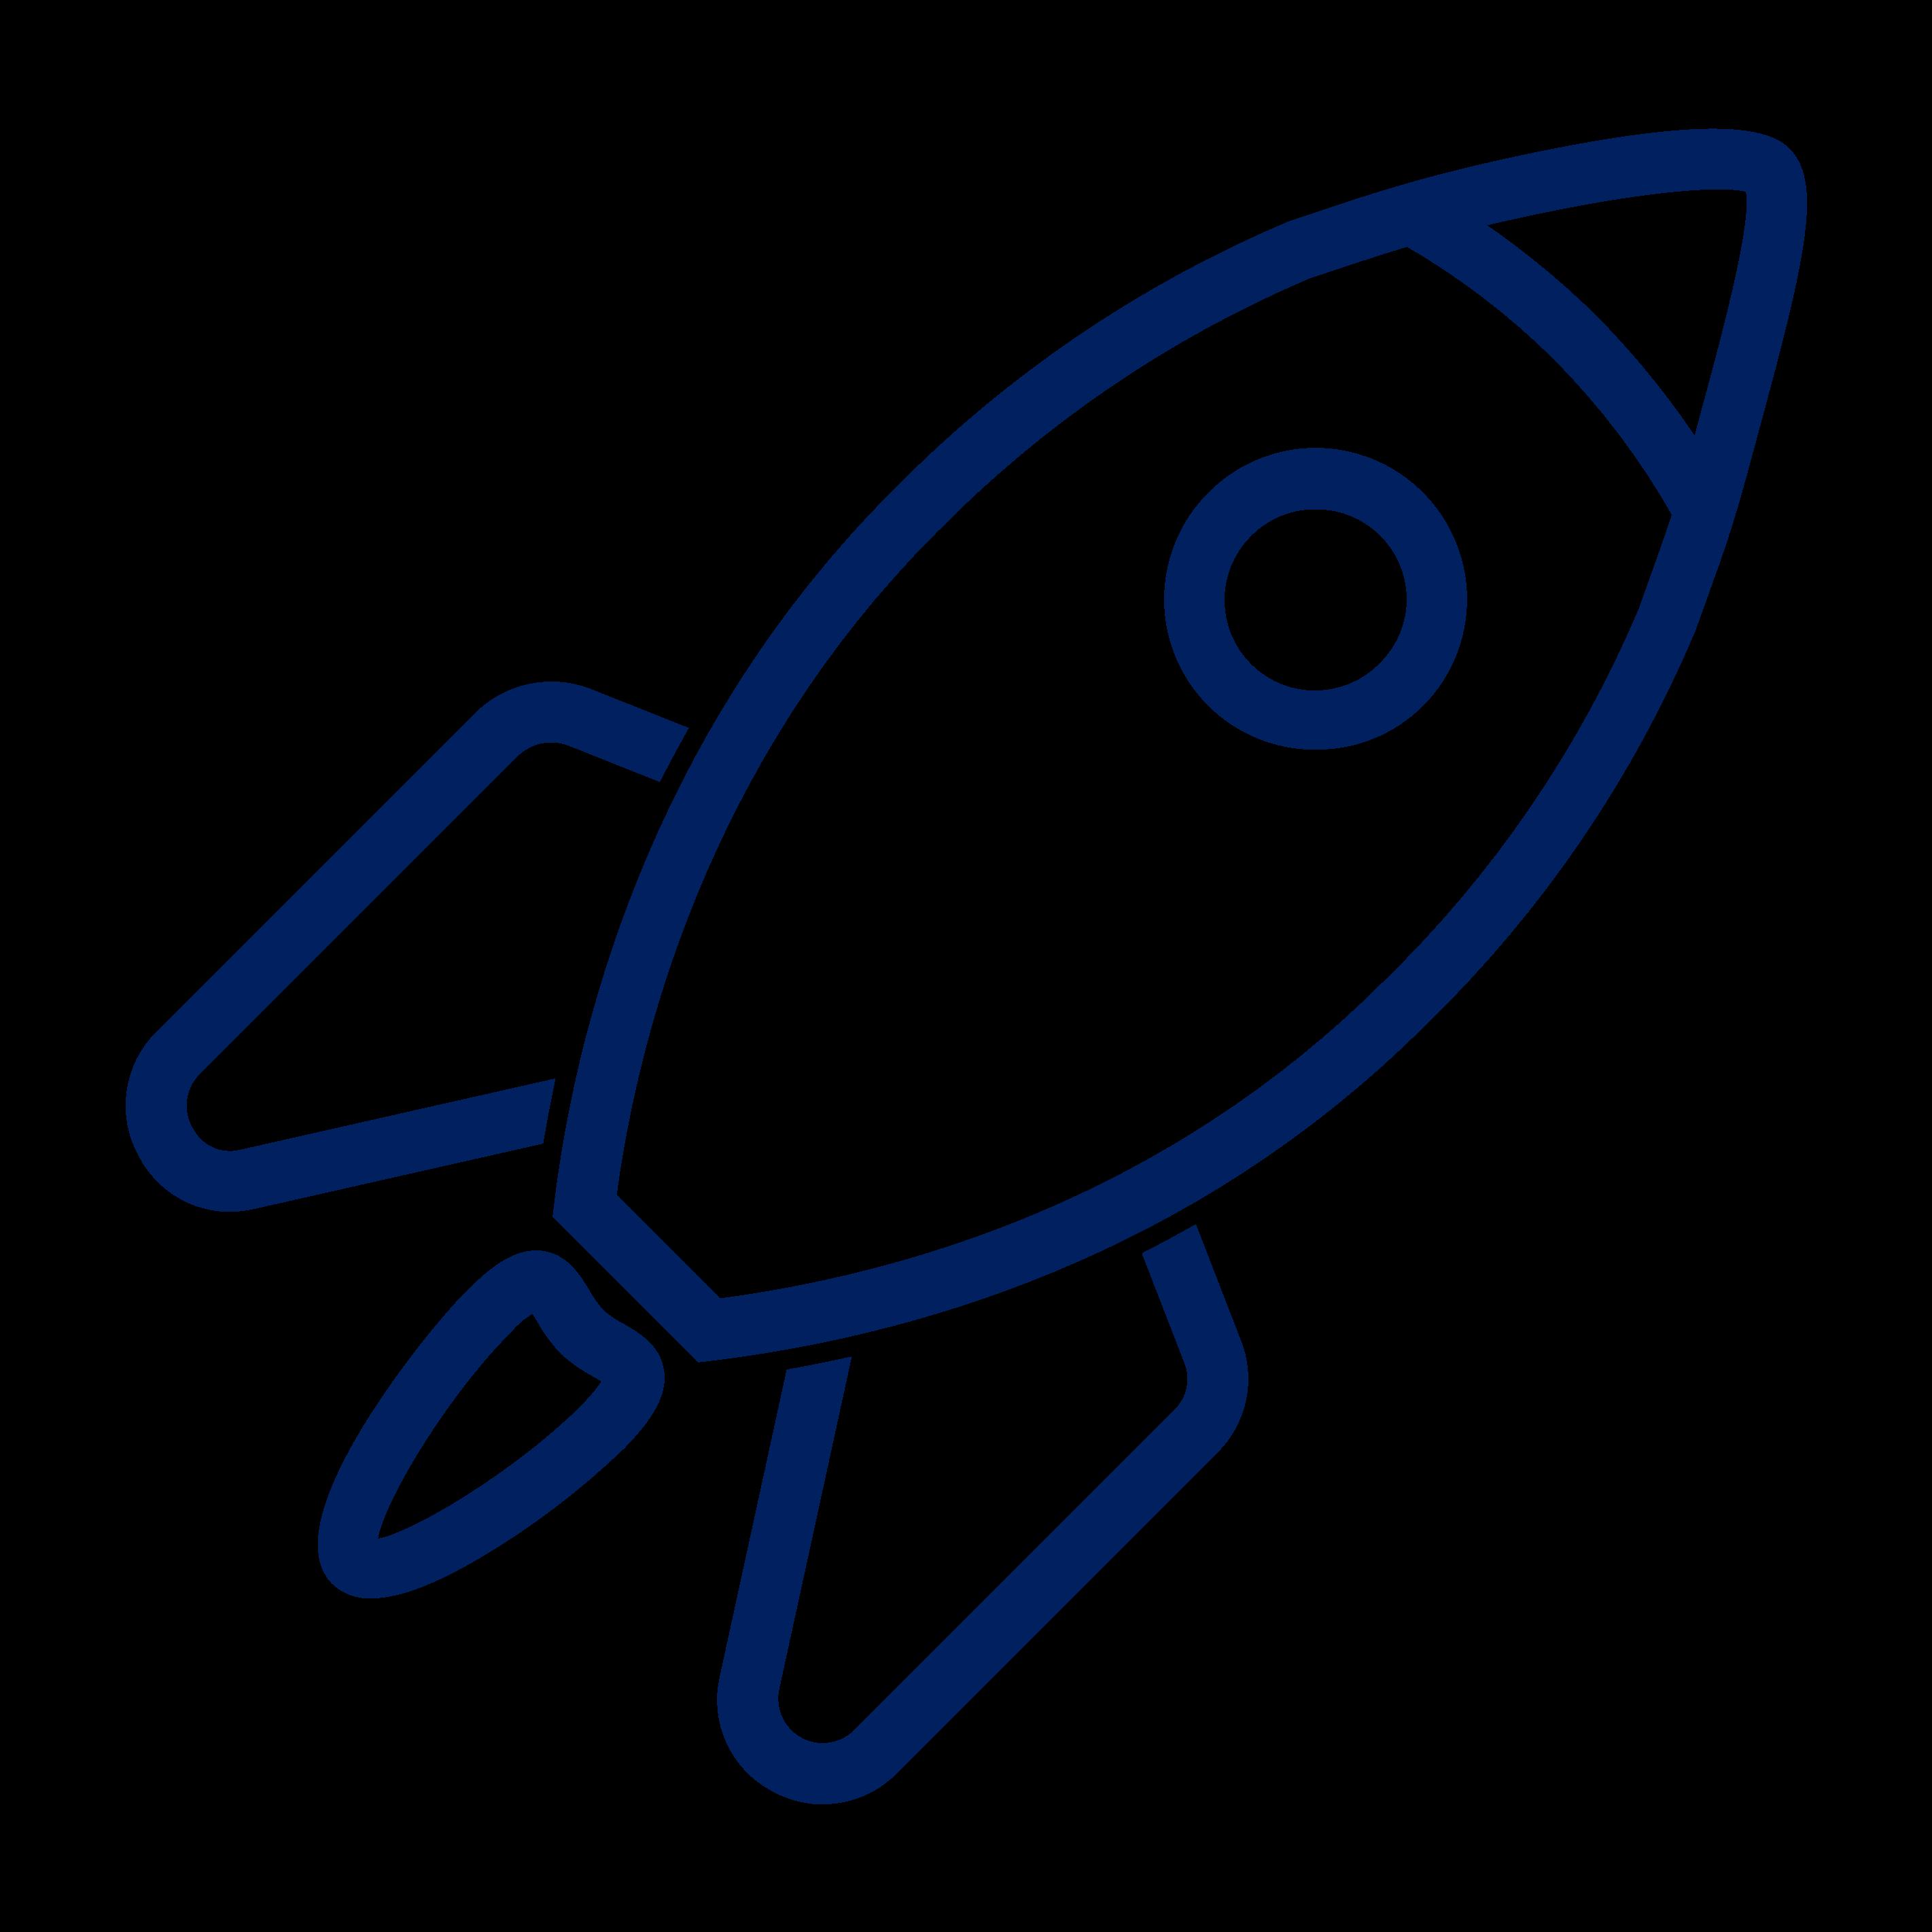 Icon - Rocket